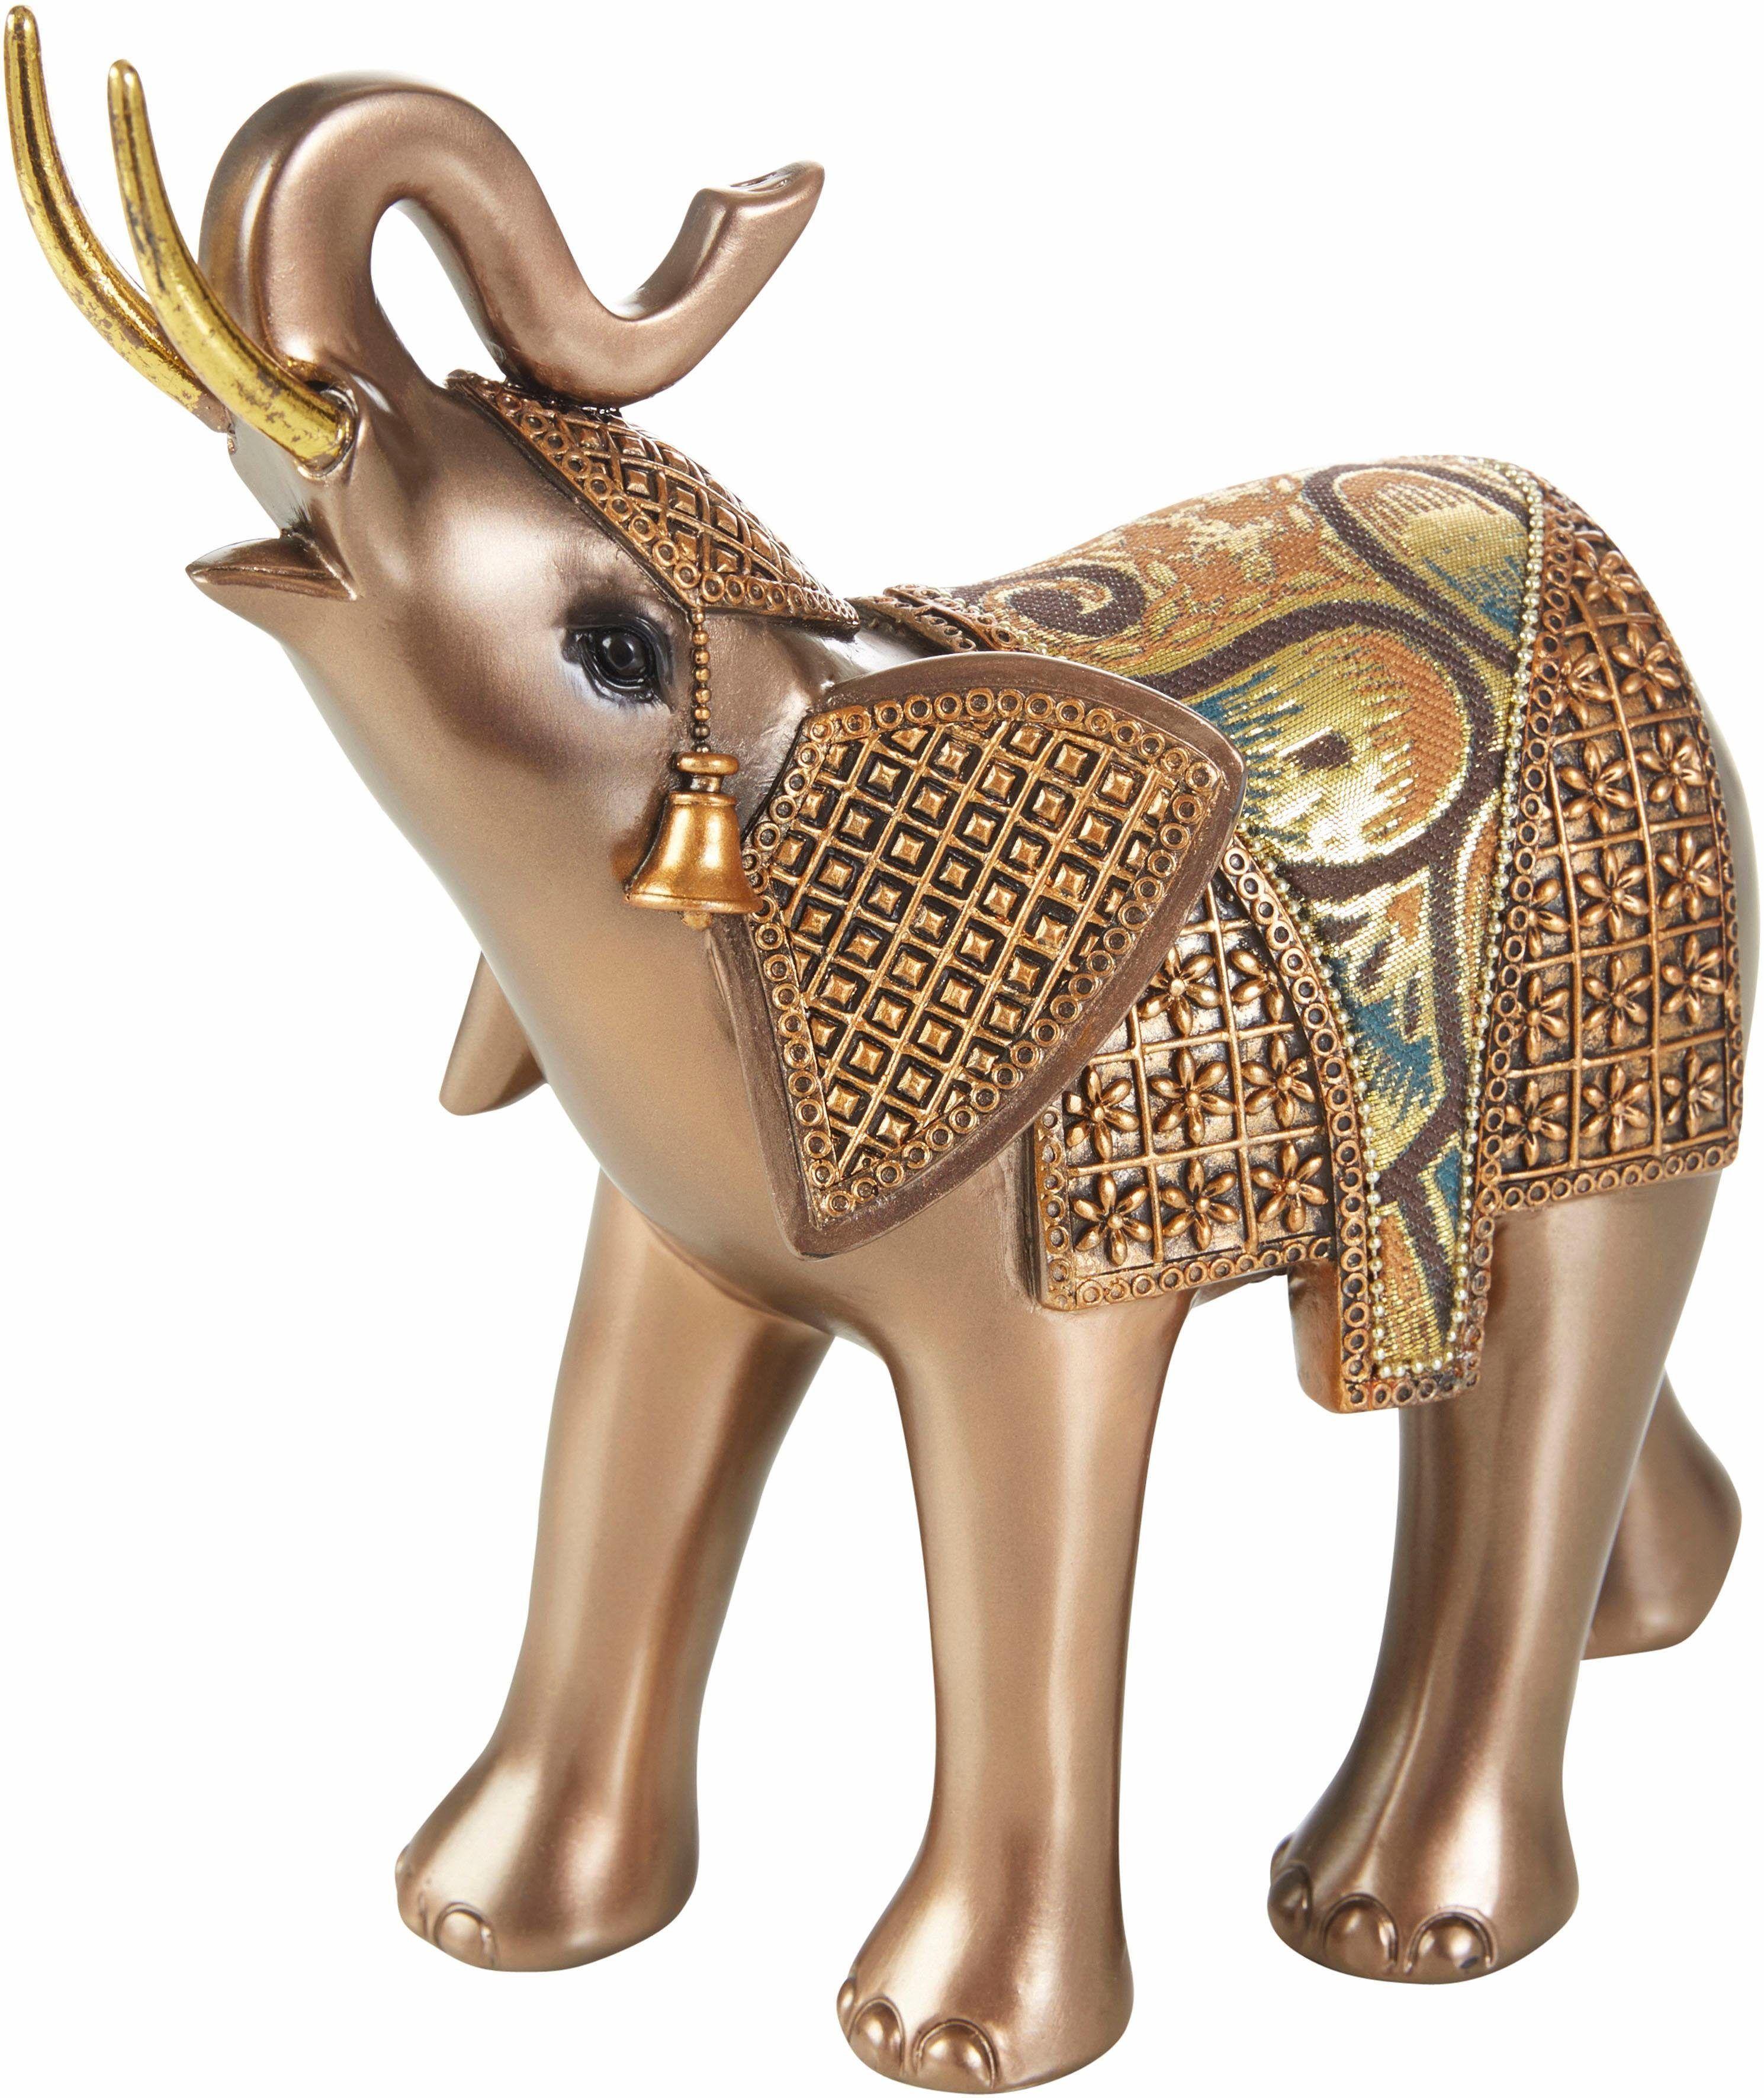 Superb Einfache Dekoration Und Mobel Mammoth Collection #9: Home Affaire Dekofigur »Elefant« Bunt Jetzt Bestellen Unter: Https://moebel .ladendirekt.de/dekoration/figuren-und-skulpturen/figuren/?uidu003d91f8066f-a7bc-57a3  ...